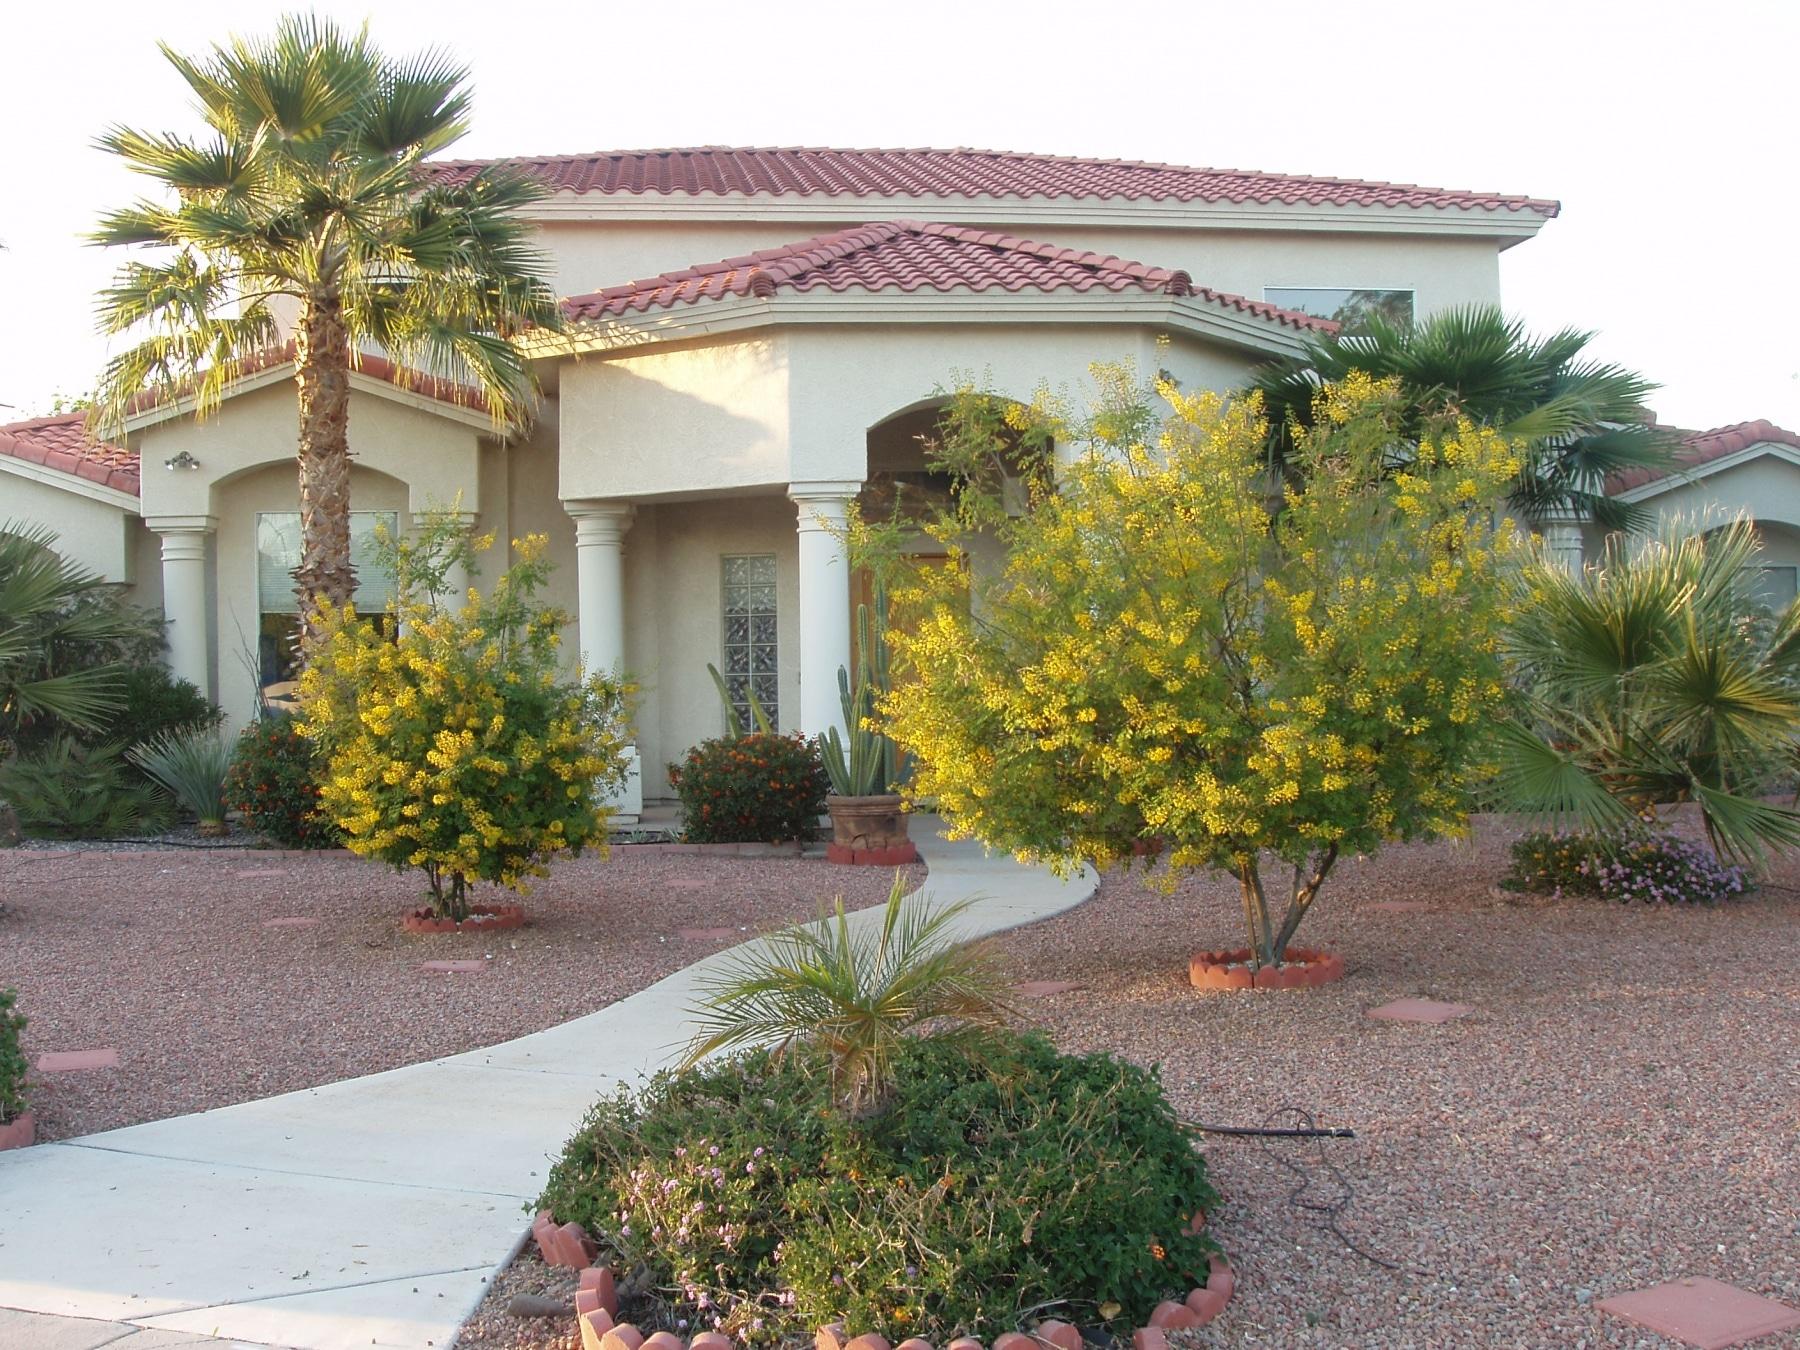 phoenix arizona building